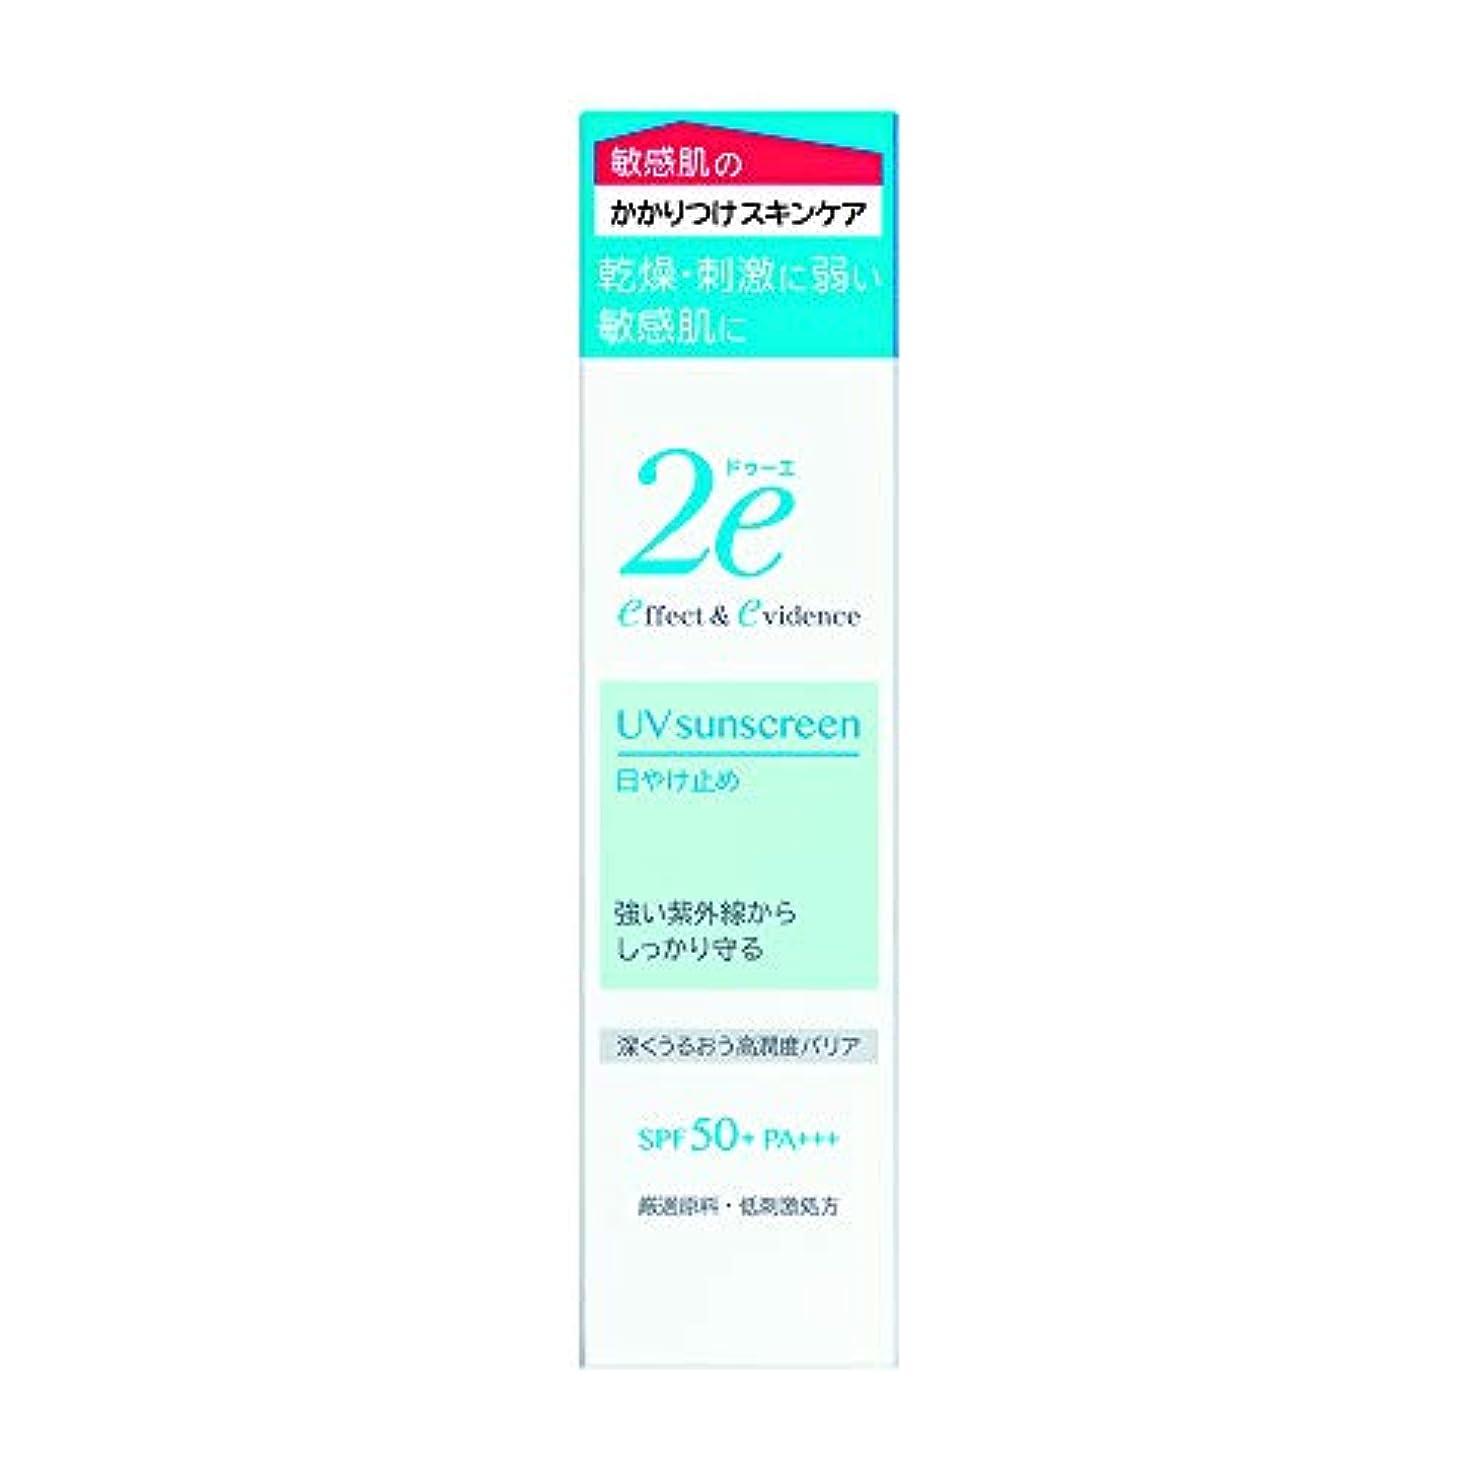 陽気なほかにシャーク2e(ドゥーエ) 日やけ止め 敏感肌用 低刺激処方 深くうるおう高潤度バリア 40g SPF50+ PA+++ 日焼け止め